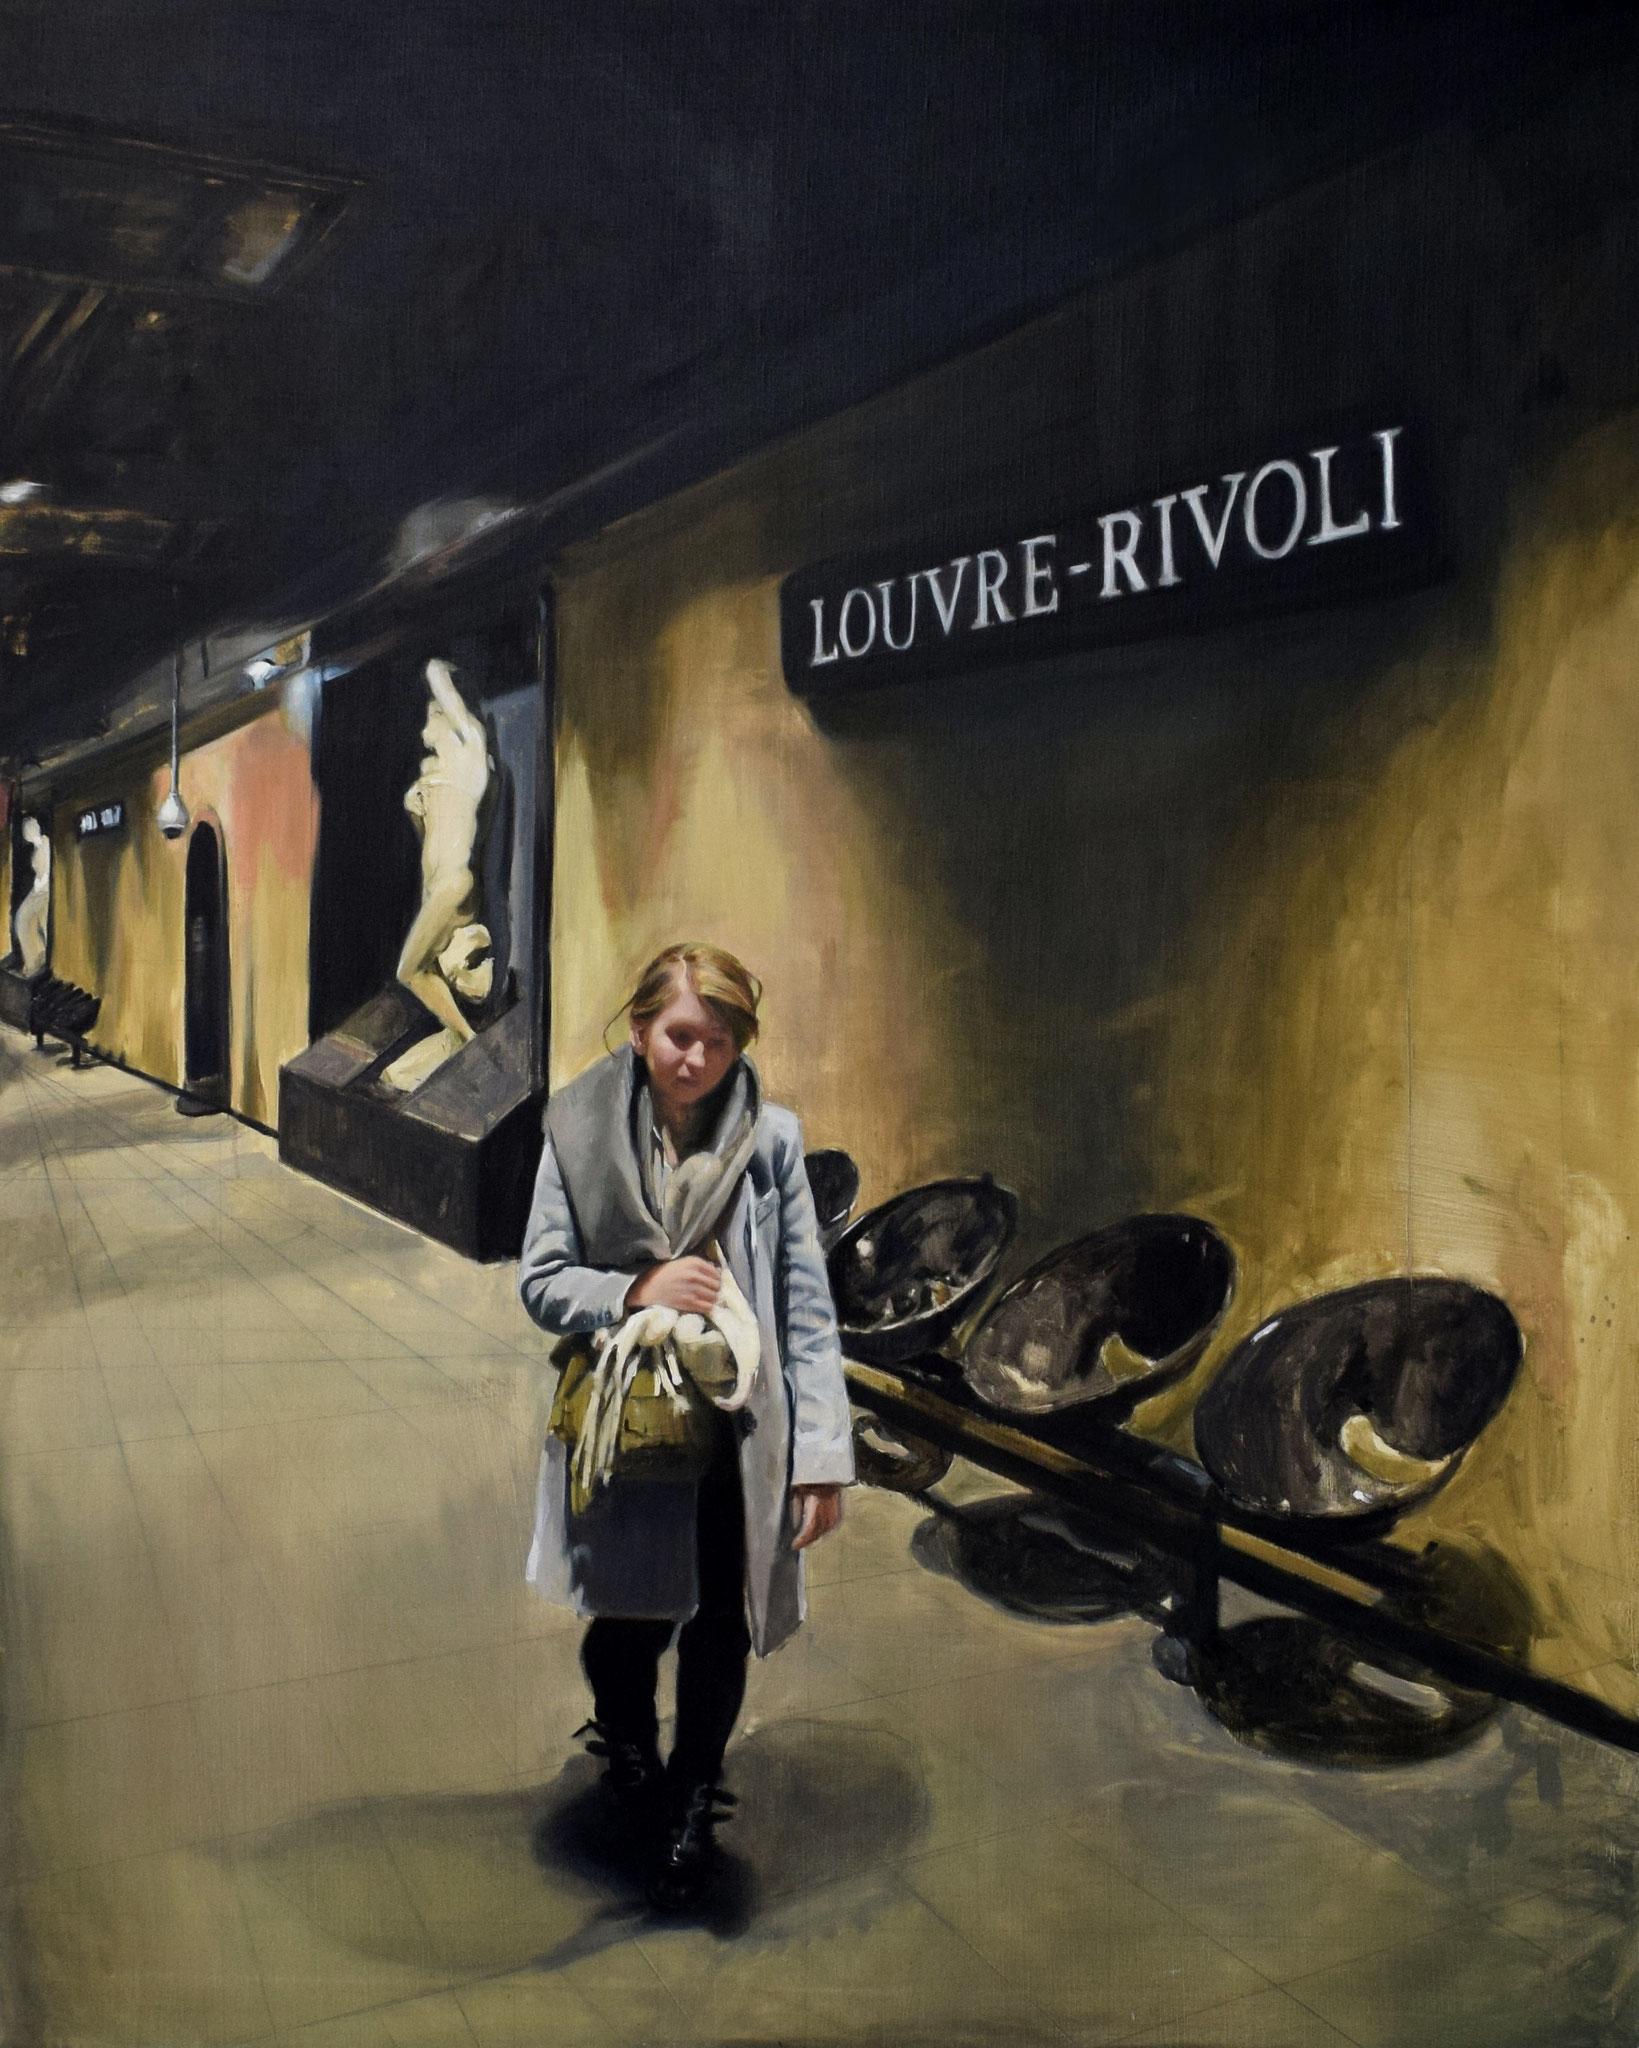 Rivoli Huile sur toile 162x130 2019 collection privée